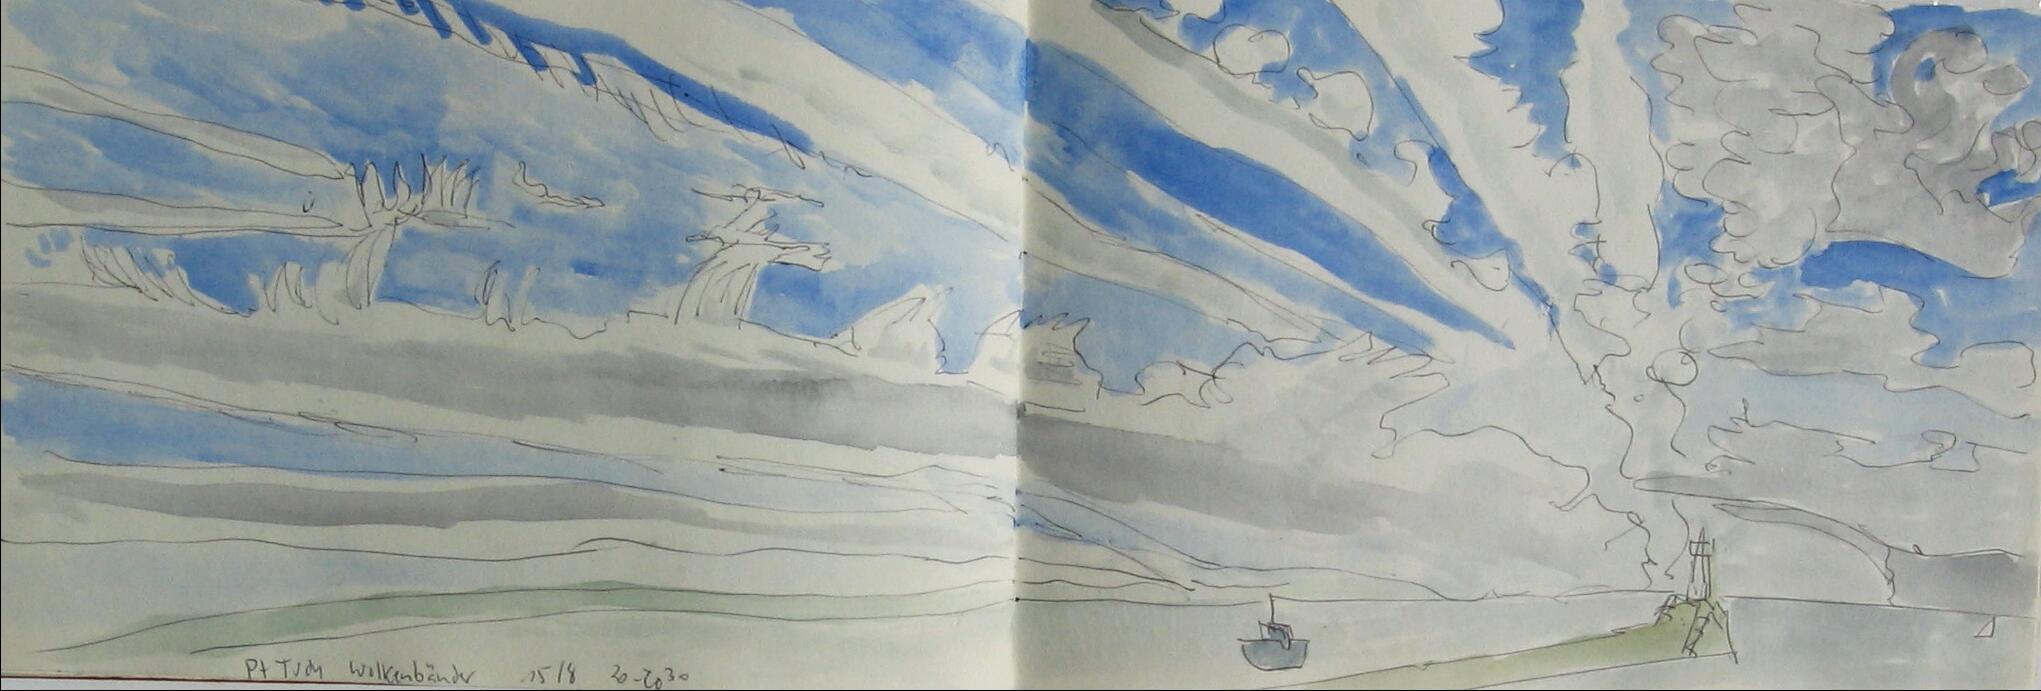 Wolkenbänder